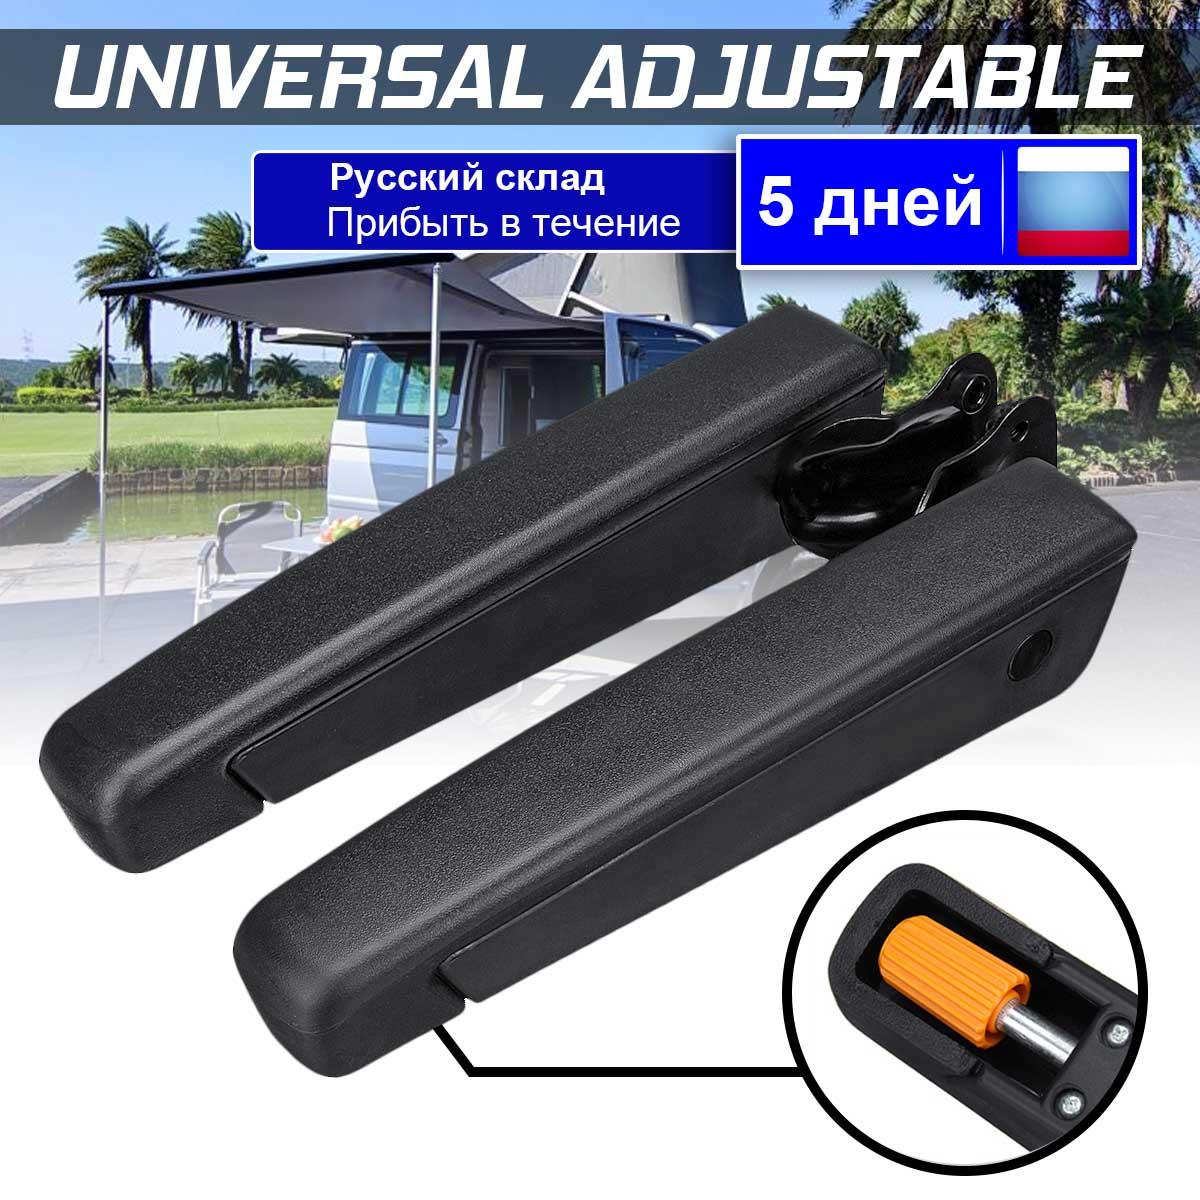 Universal Adjustable Car Seat Armrest  For RV Van Motorhome Boat Truck Car Accessories|Armrests| |  - title=